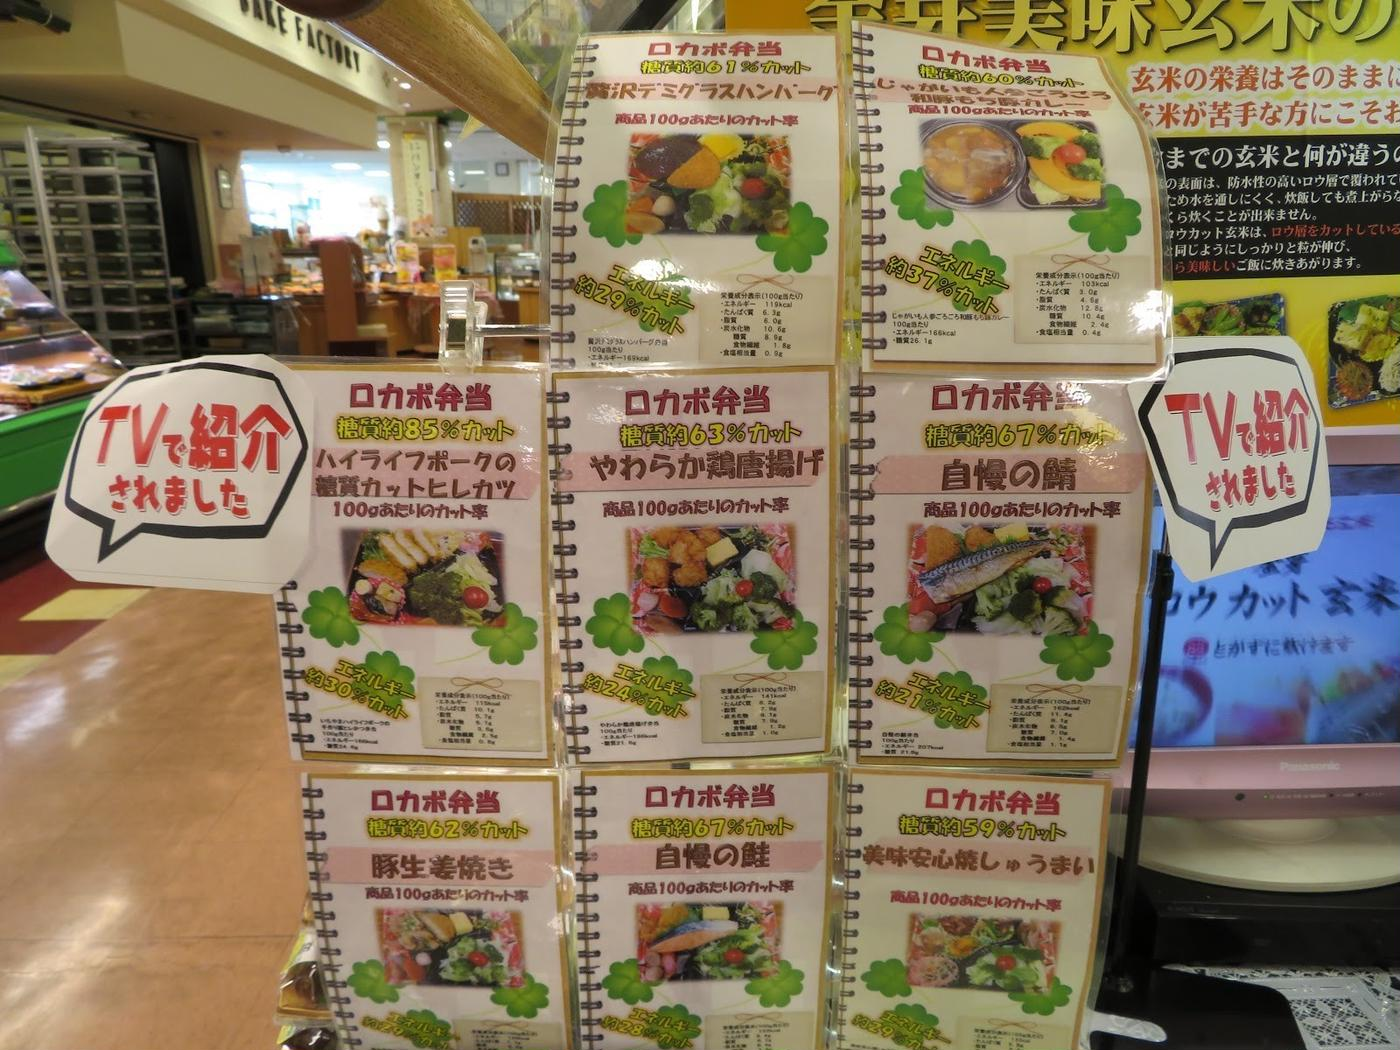 いちやまマート-ロカボ弁当